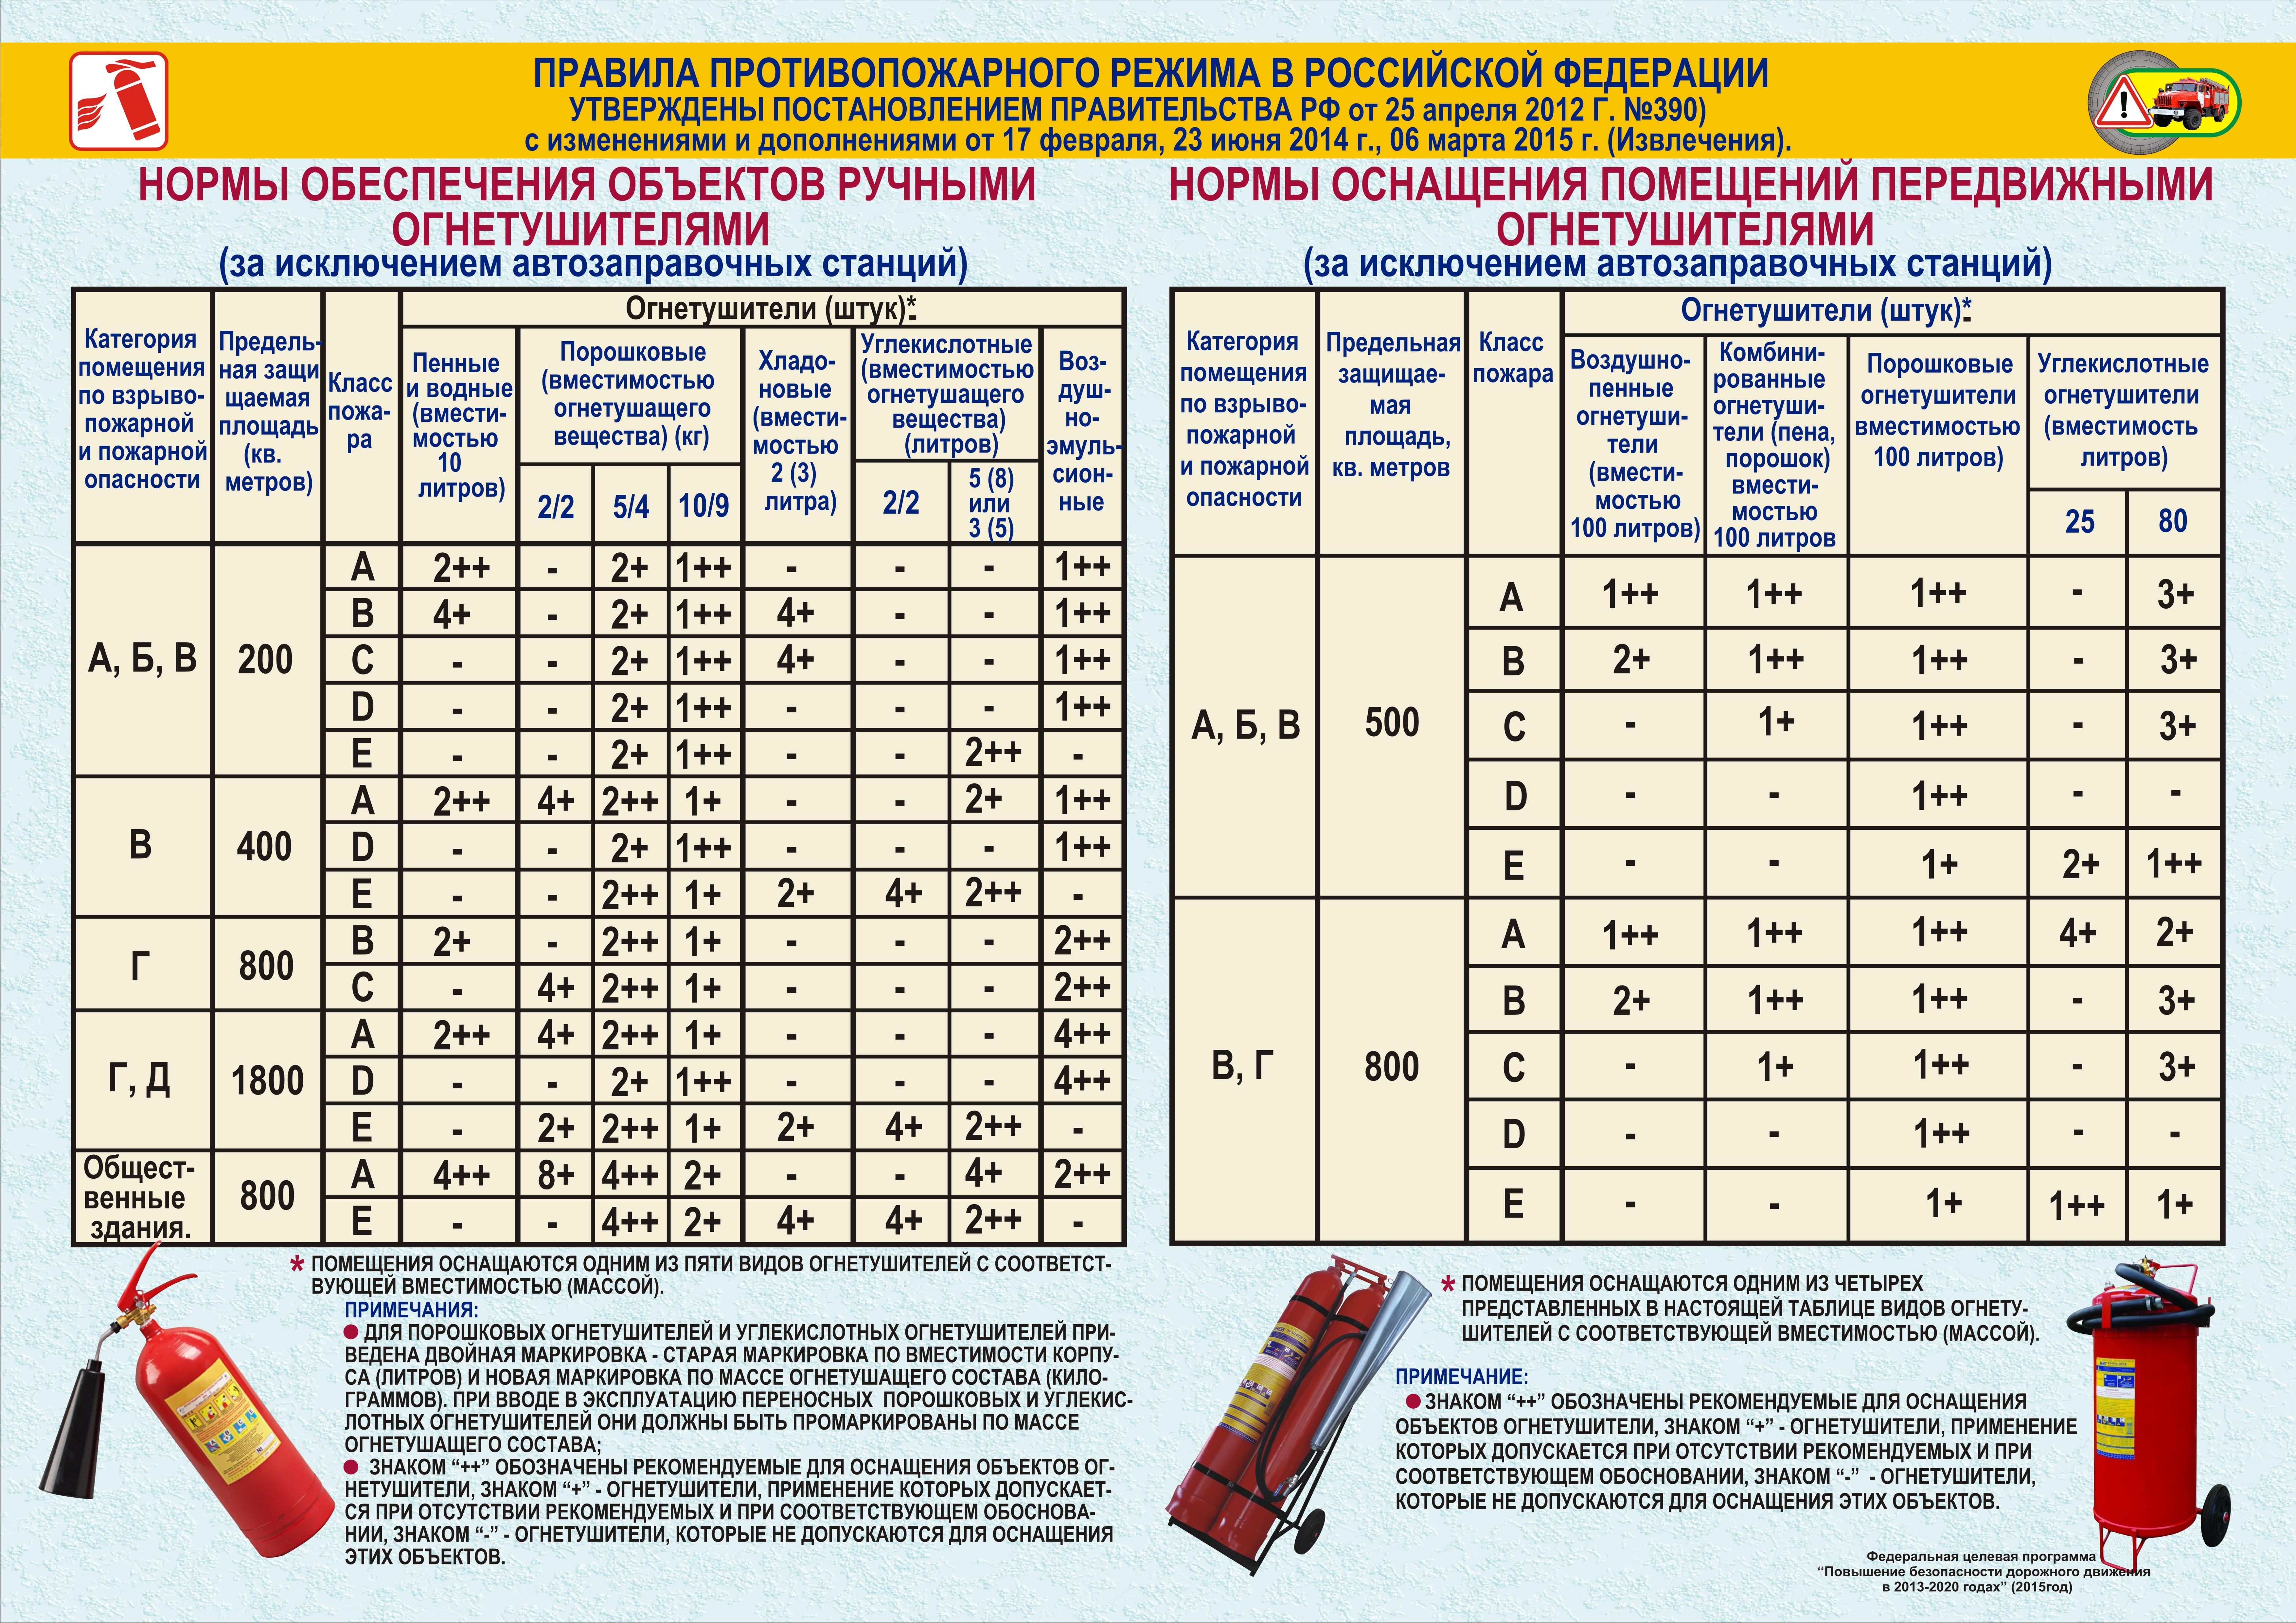 Оценка и прогнозирование остаточного срока службы стальных газопроводов в условиях деформационного старения